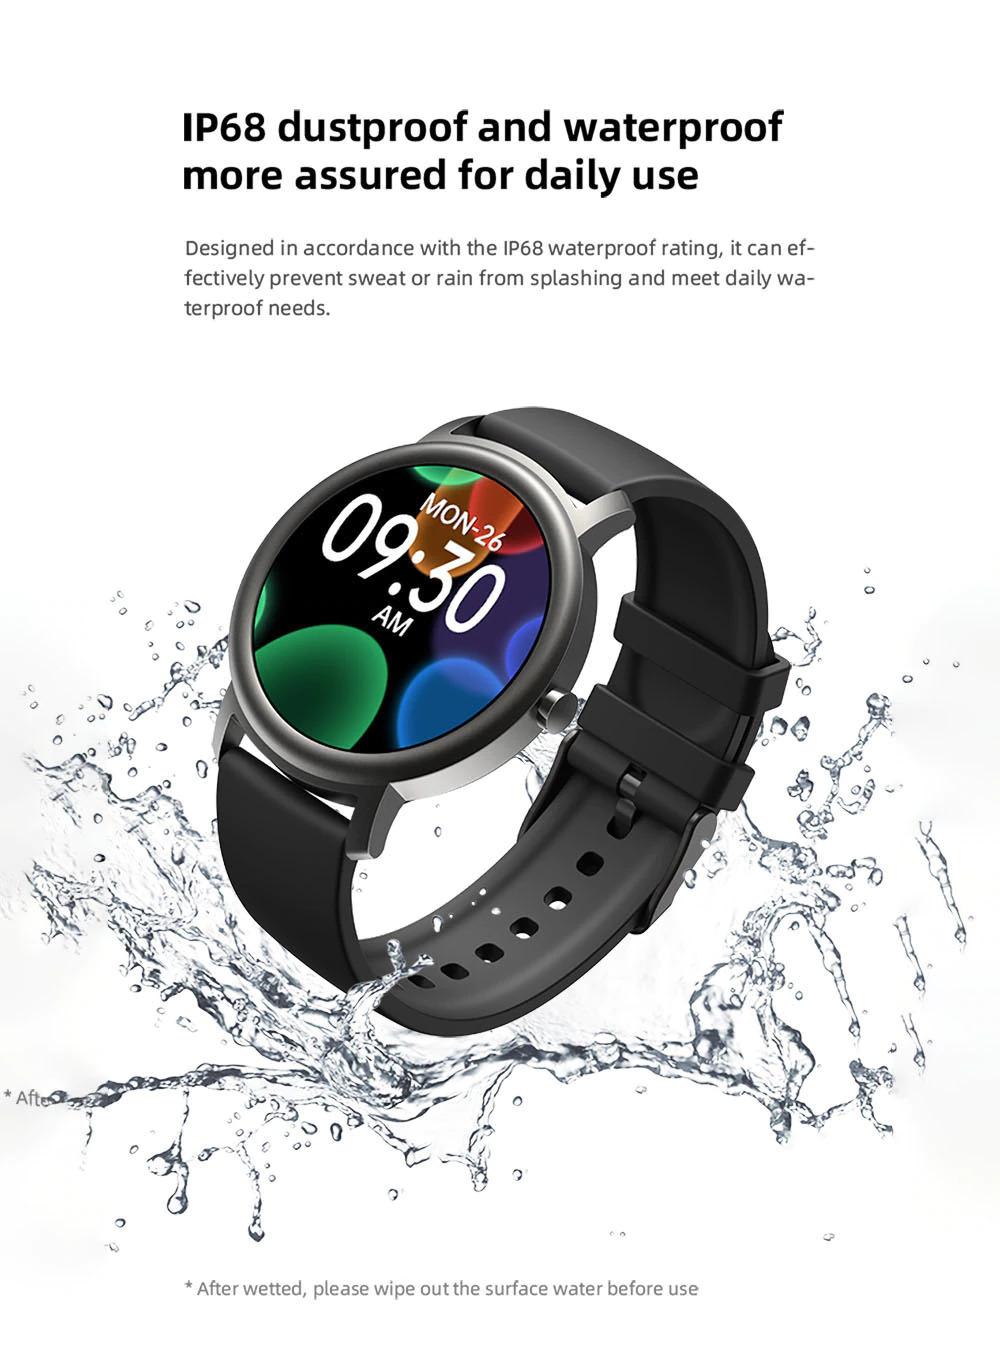 ساعت هوشمند شیائومی مدل Mibro Air ساعت هوشمند شیائومی مدل Mibro Air